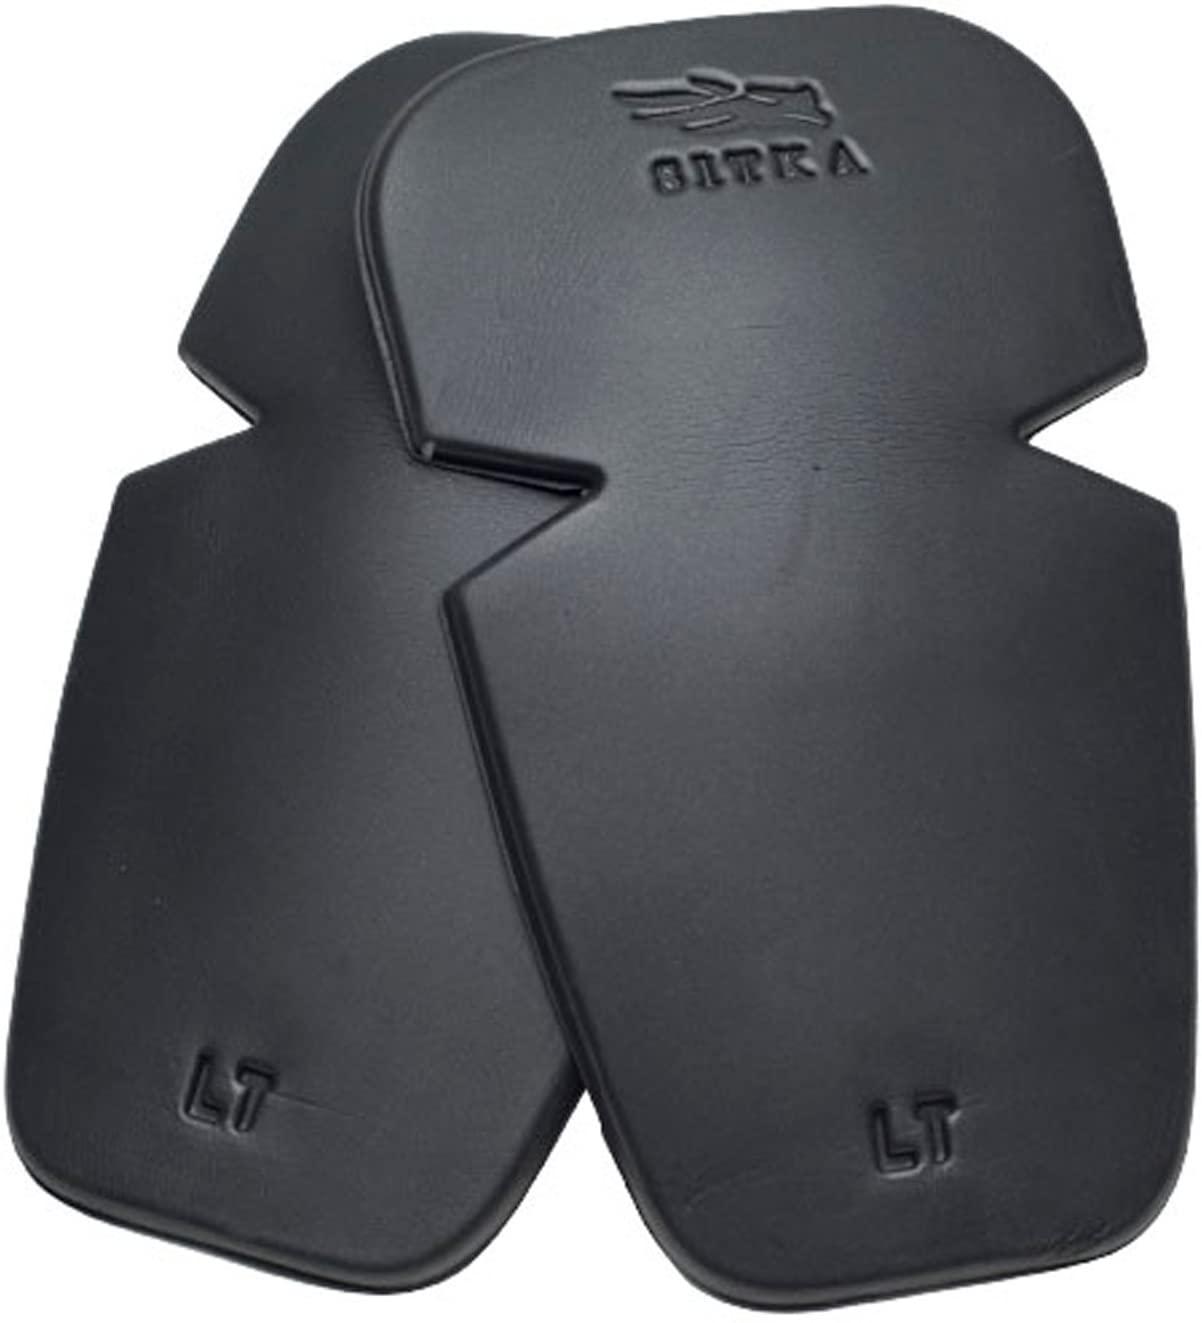 SITKA Gear Knee Pad